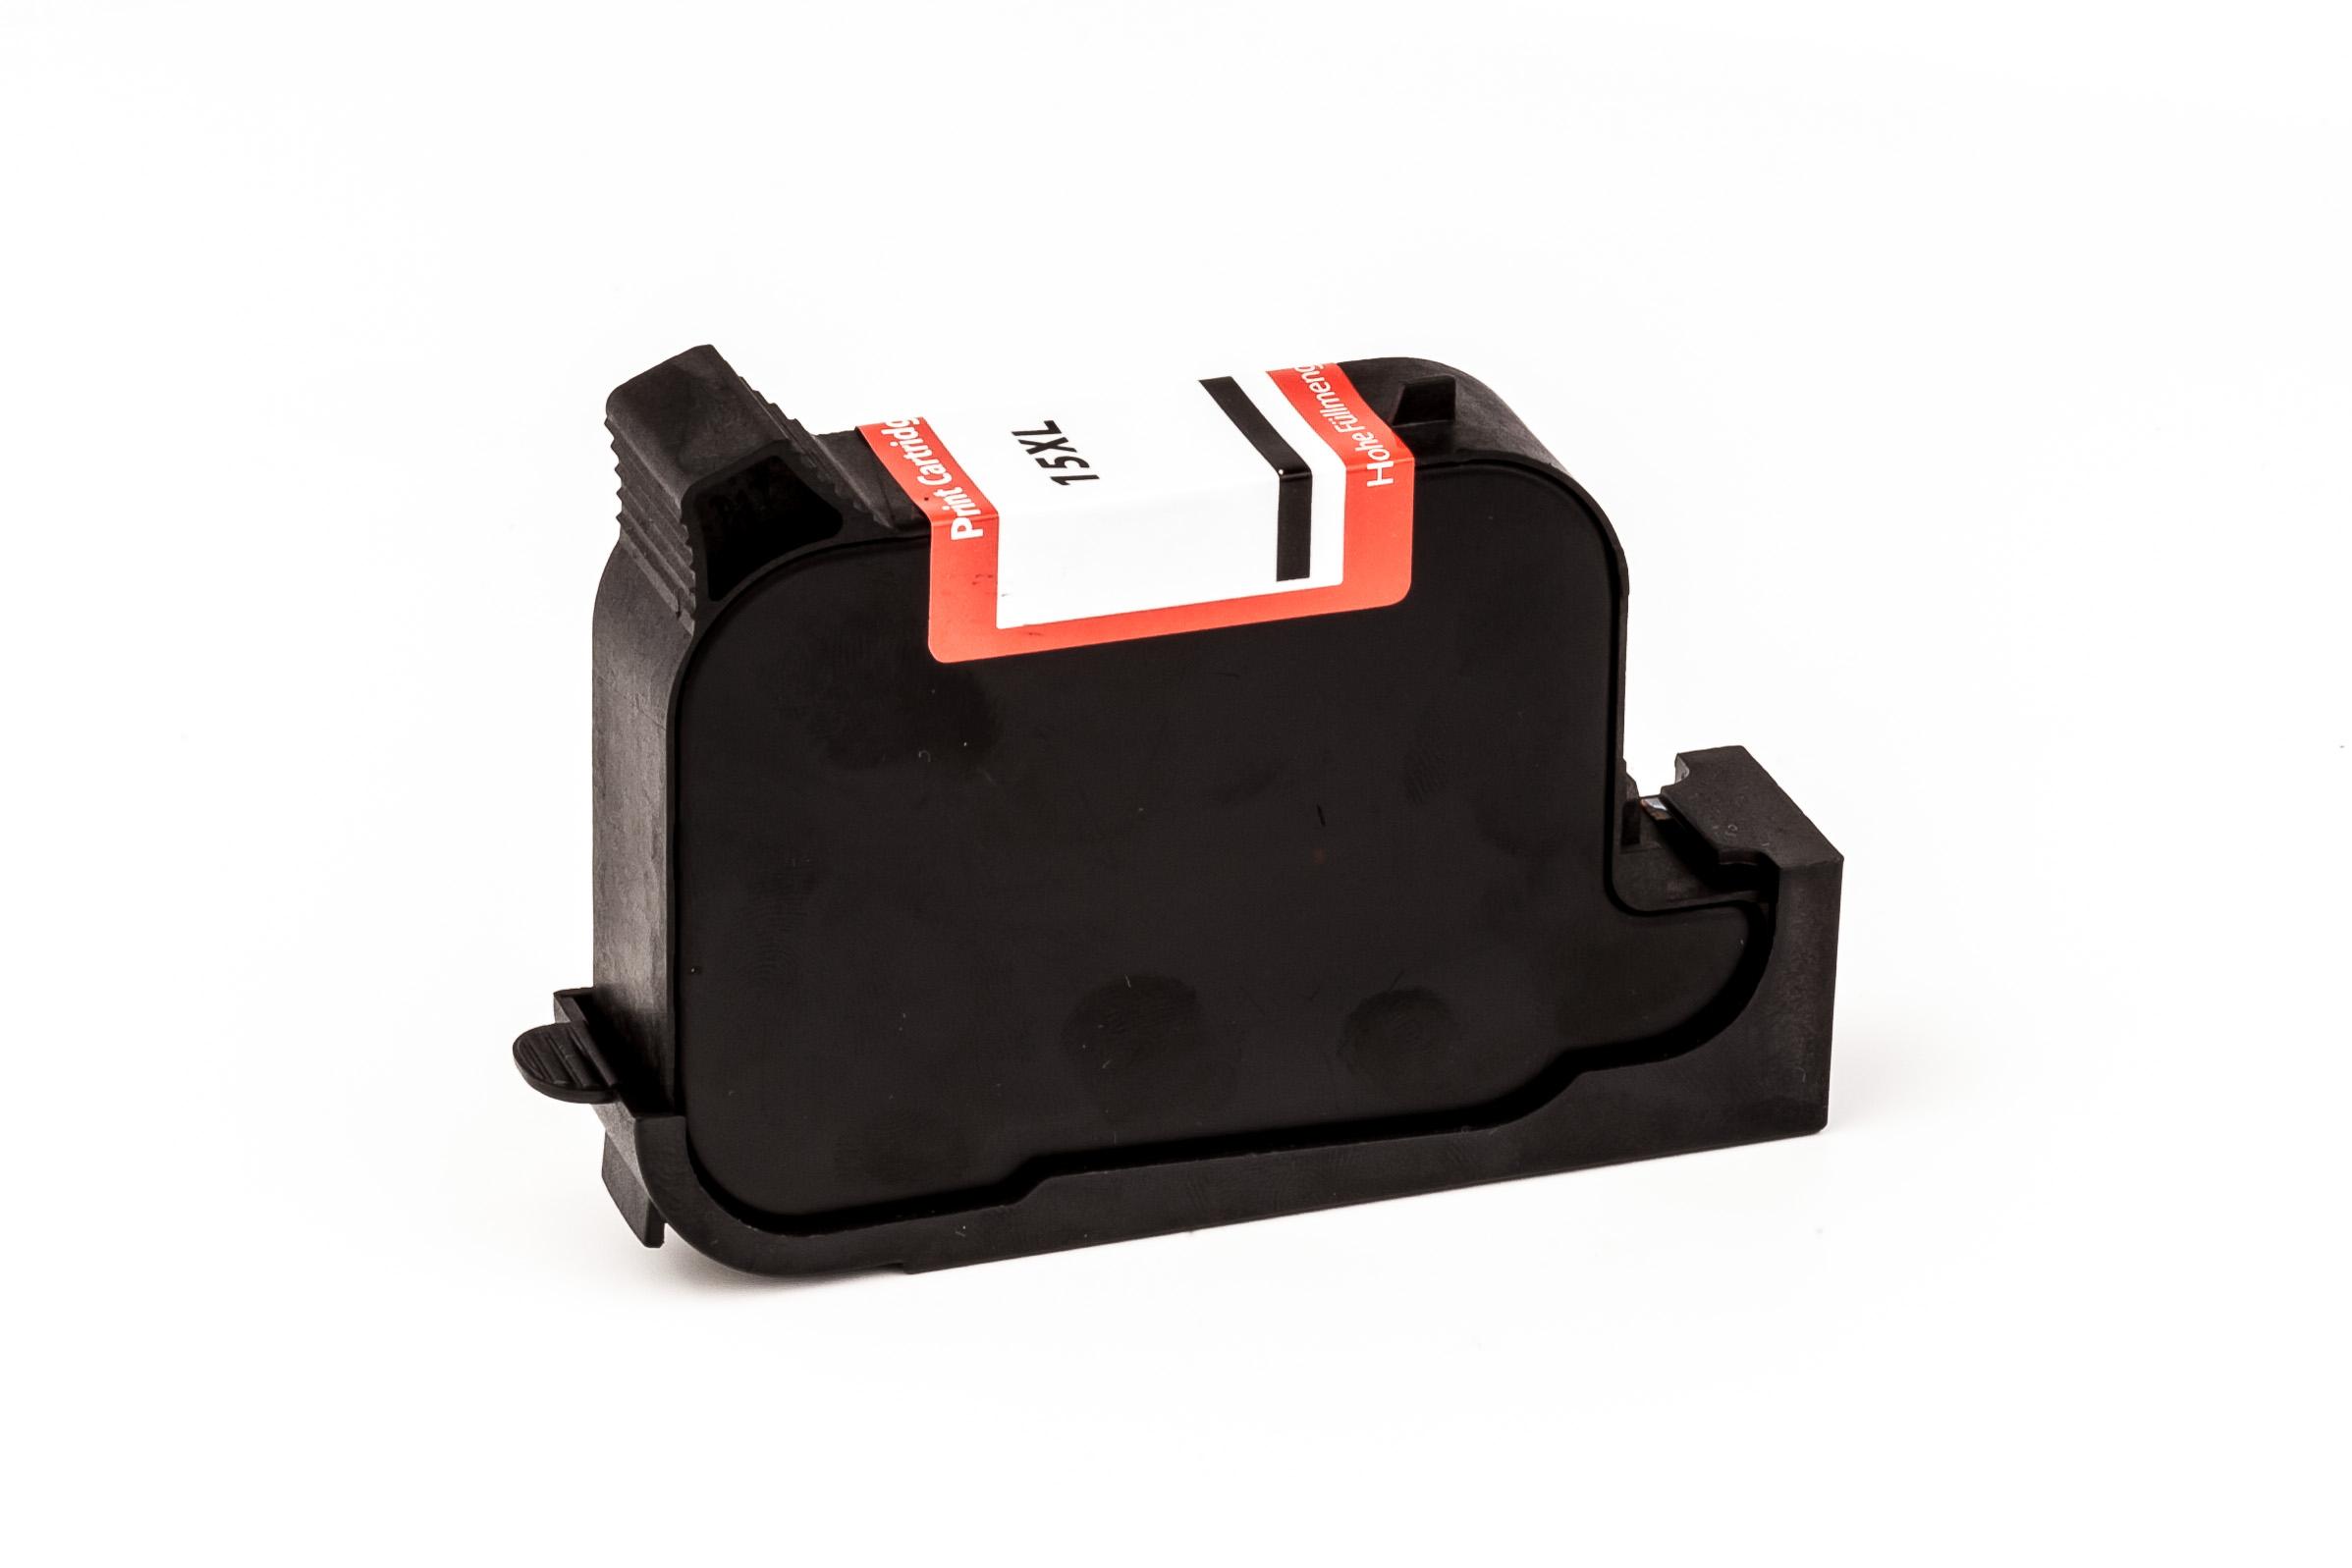 ASC-Premium-Druckkopf für HP Digital Copier 310 schwarz Digital Copier 310 DigitalCopier310